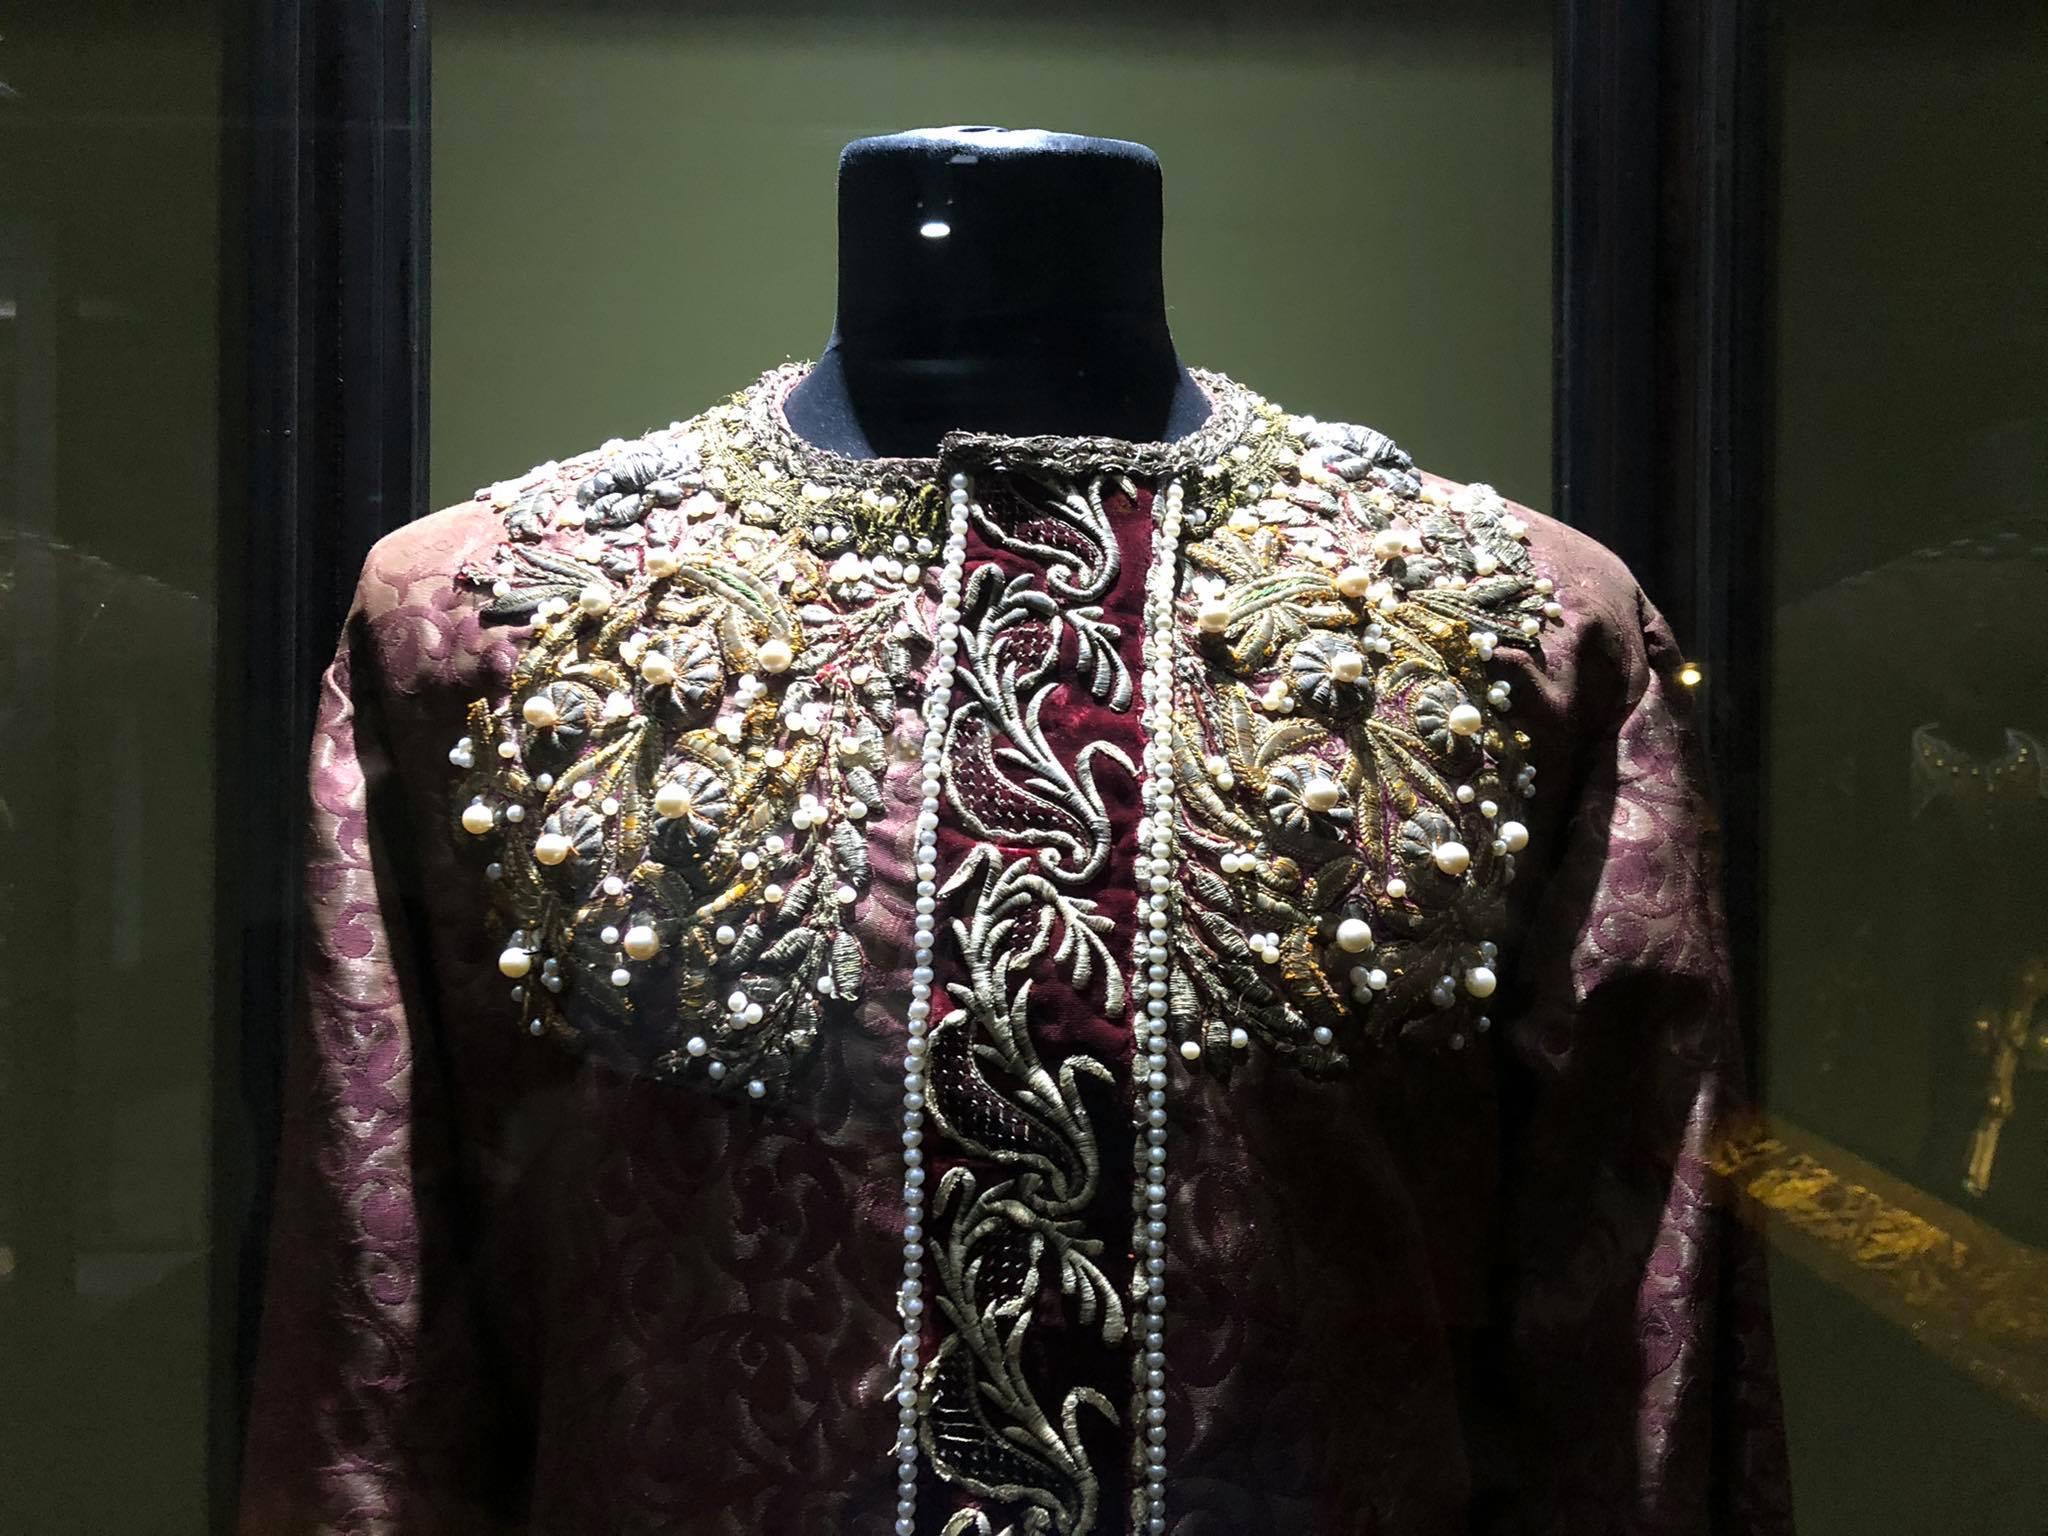 186548121 406051523928878 8789482060039128942 n Другая SOVA featured, Георгий Каландия, Дворец искусств, мода, национальный костюм, чоха